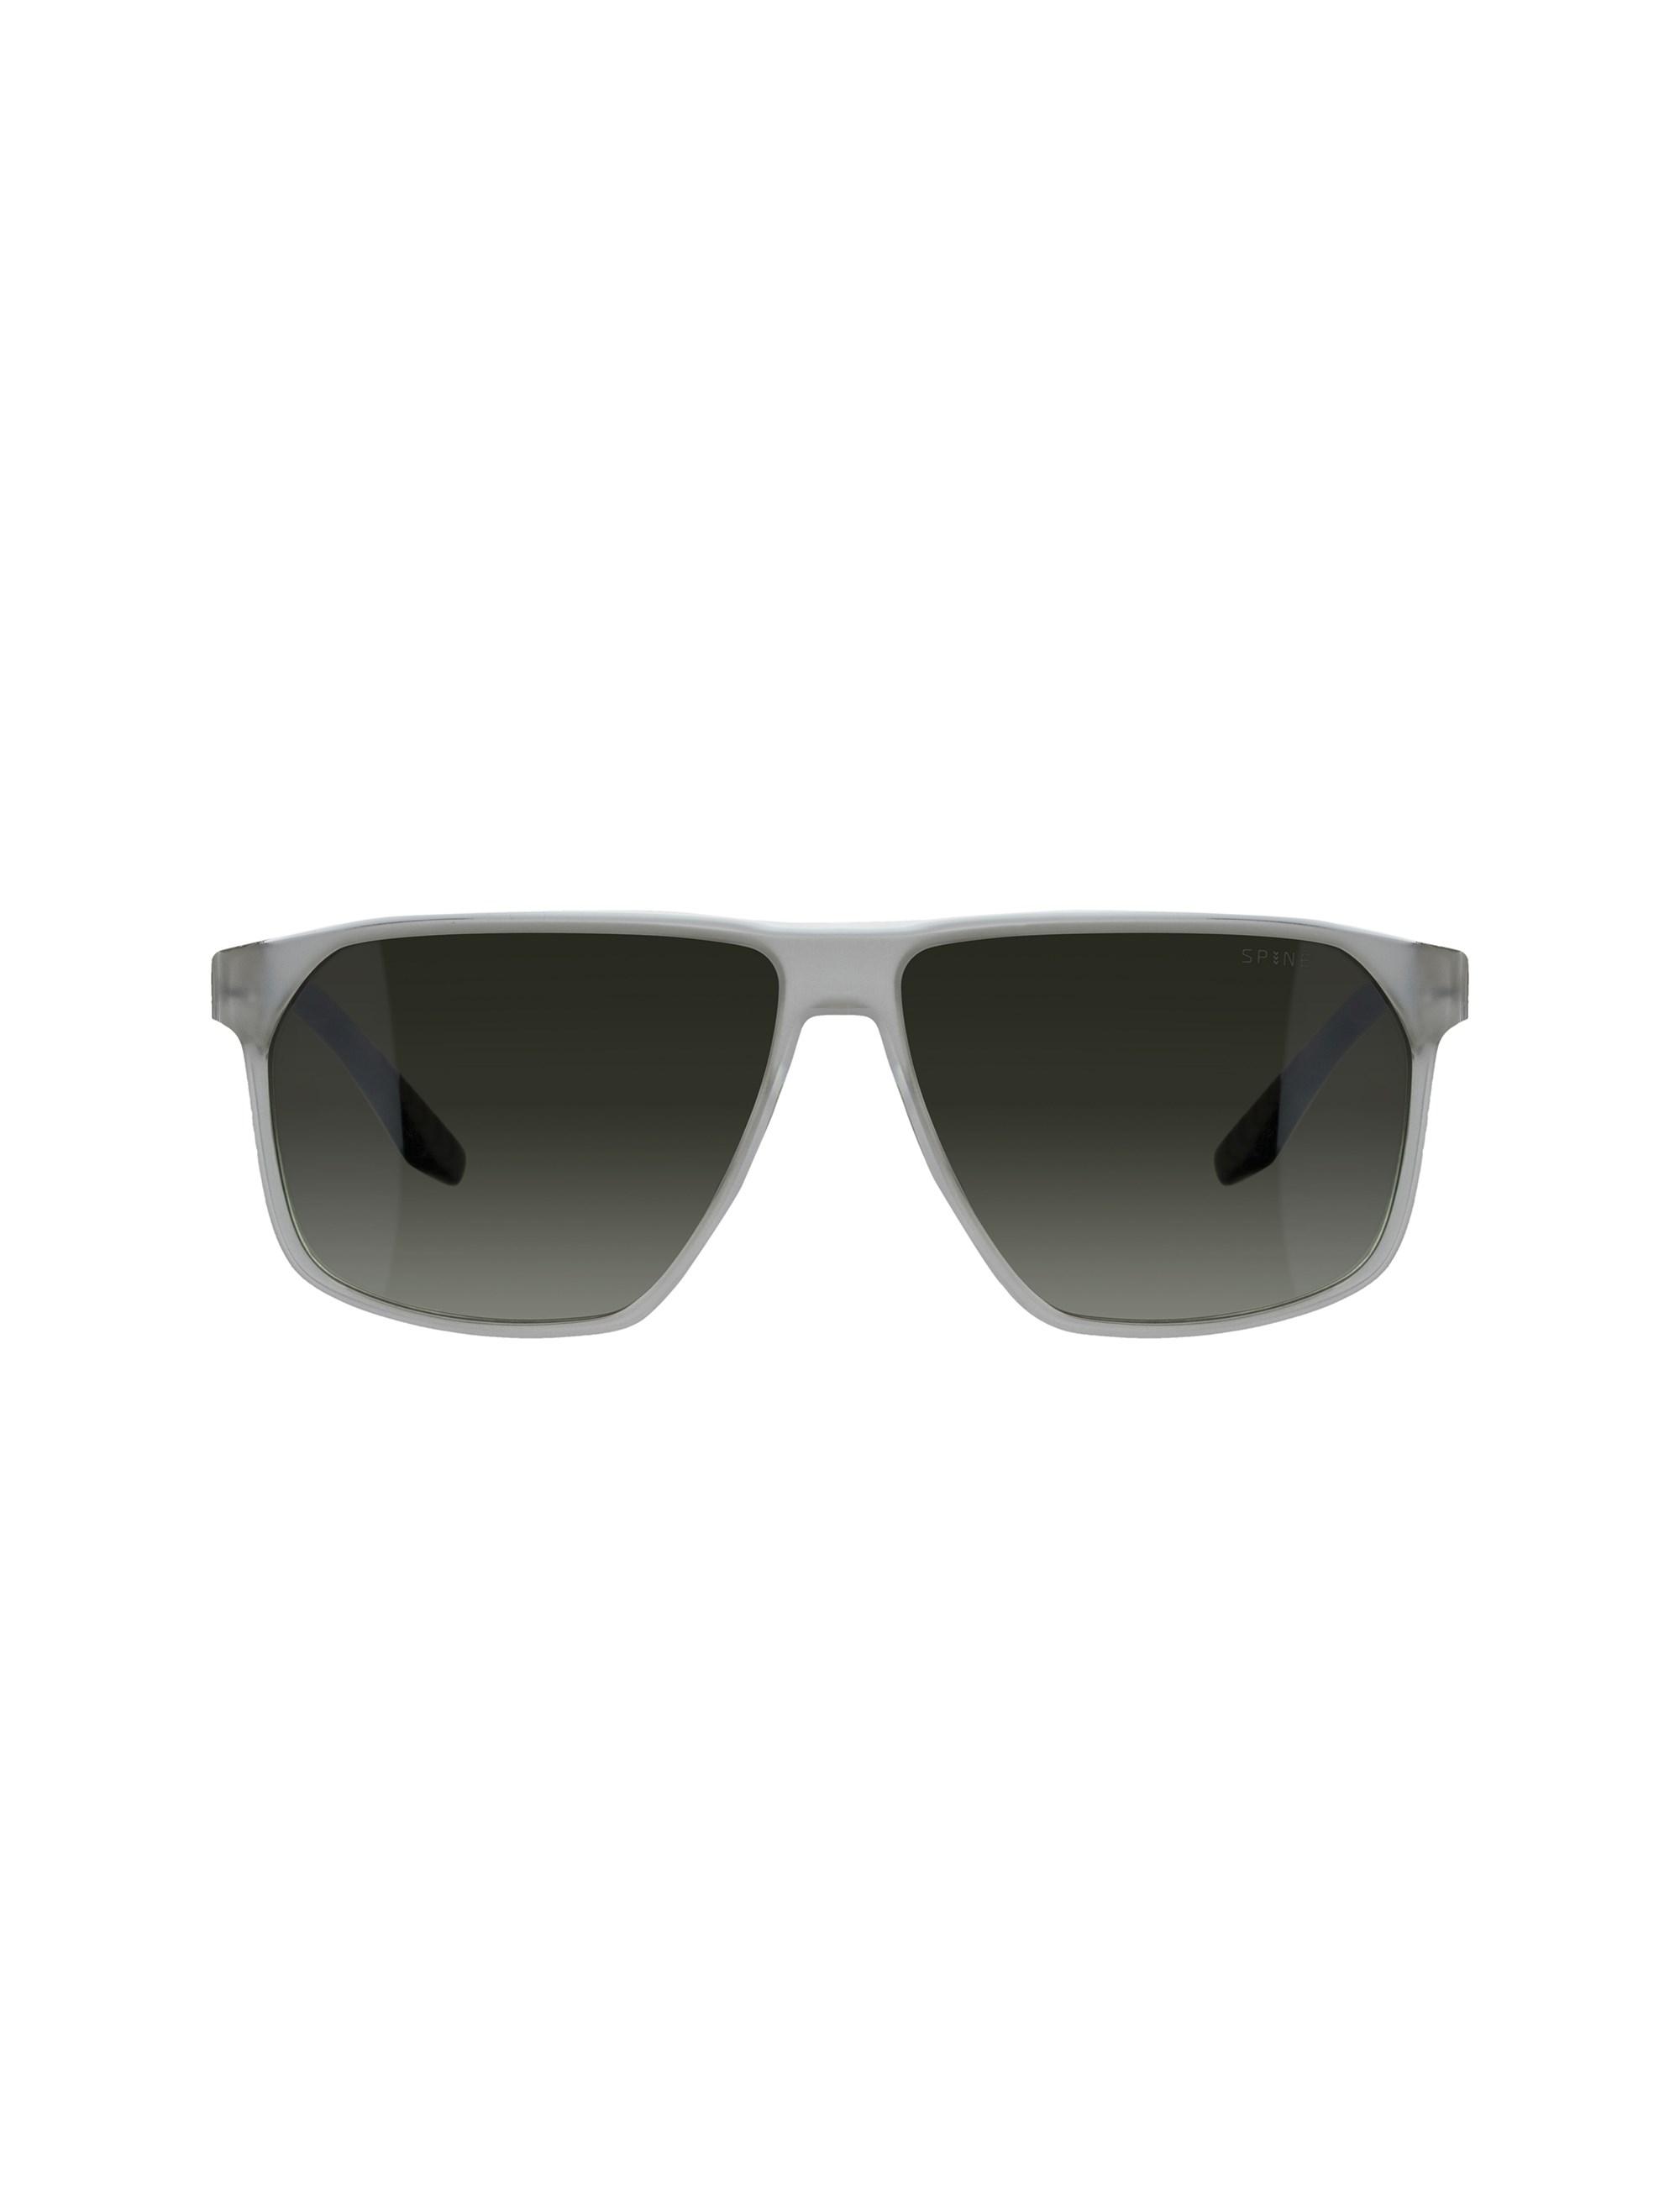 عینک آفتابی خلبانی مردانه - بي رنگ - 1